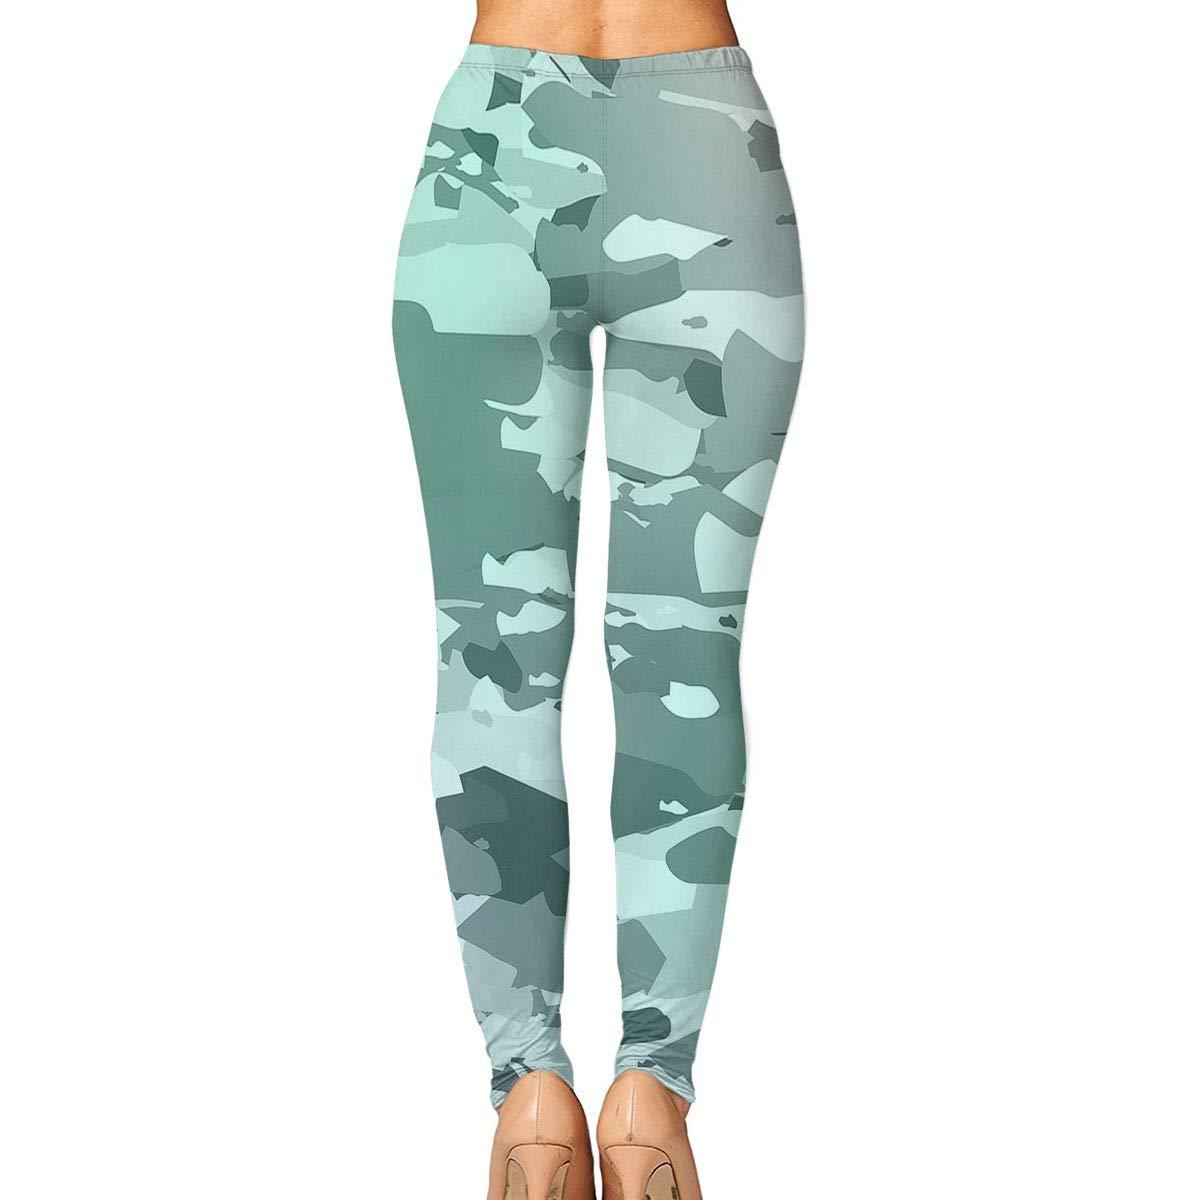 Amazon.com: Norman&New - Mallas de yoga para mujer, color ...